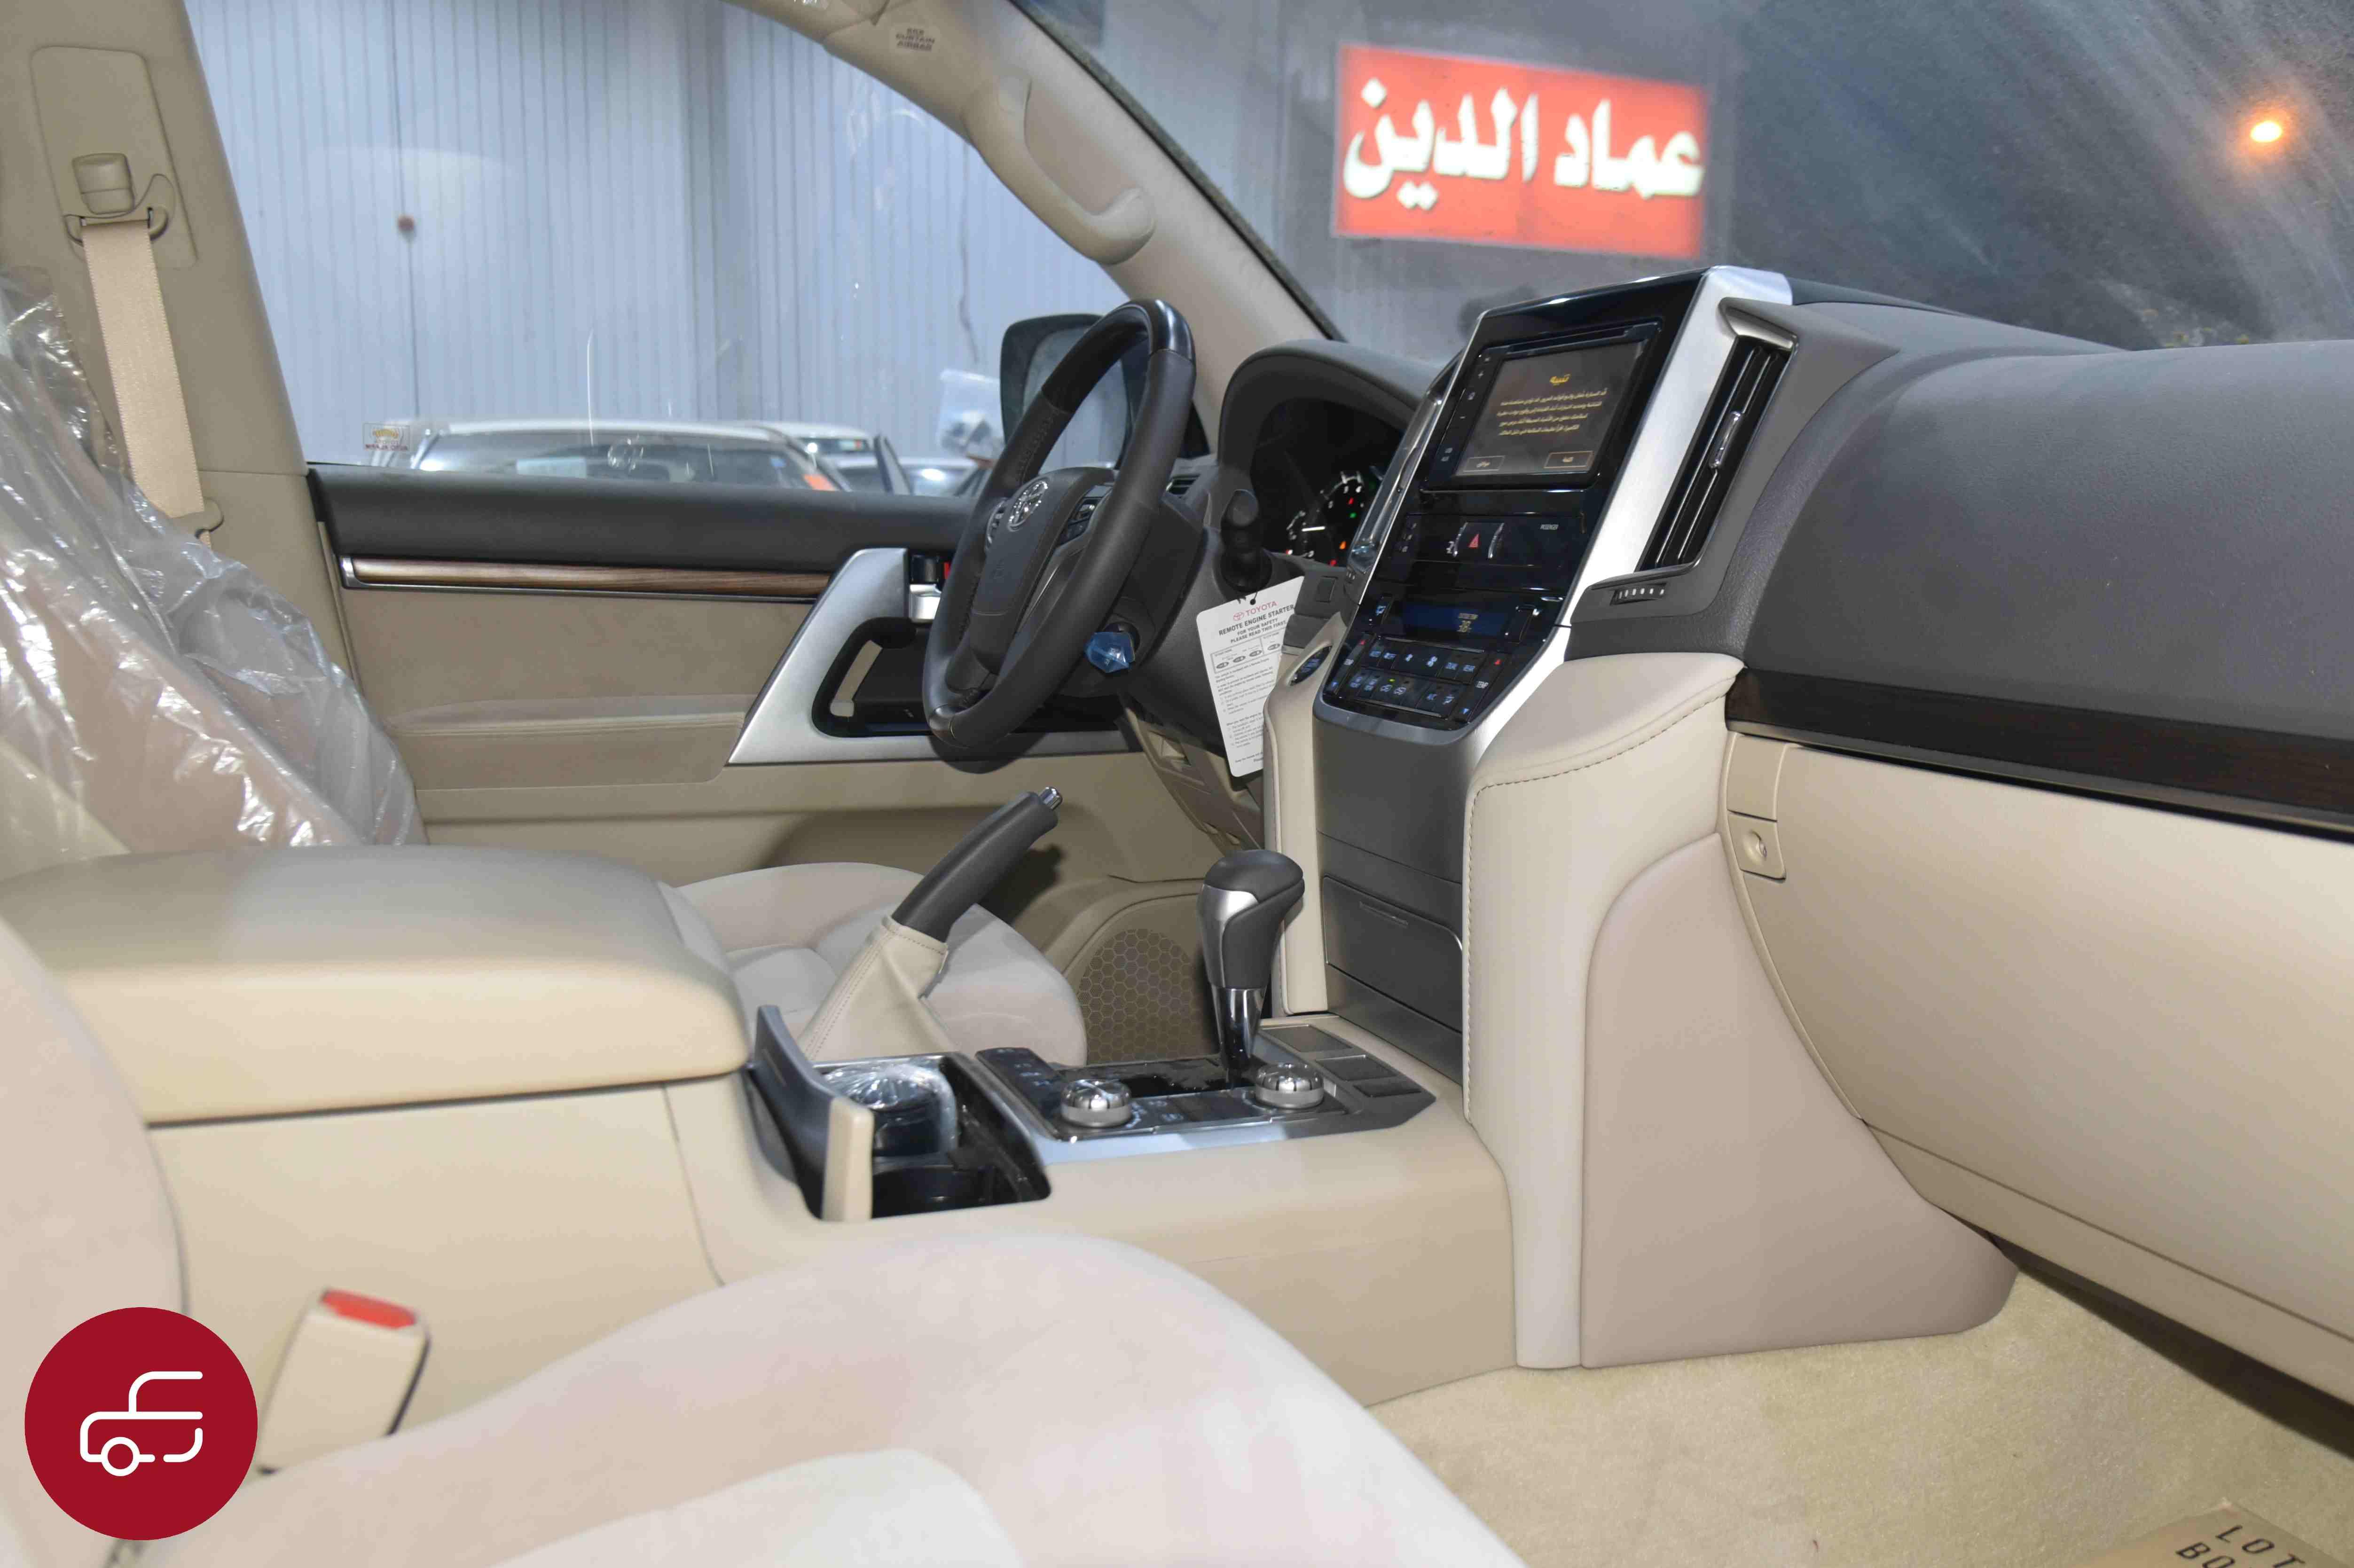 تويوتا لاندكروزر 2021 VXR   فتحة محرك 5.7 مخمل   كت خليجي جديد للبيع في الرياض - السعودية - صورة كبيرة - 7